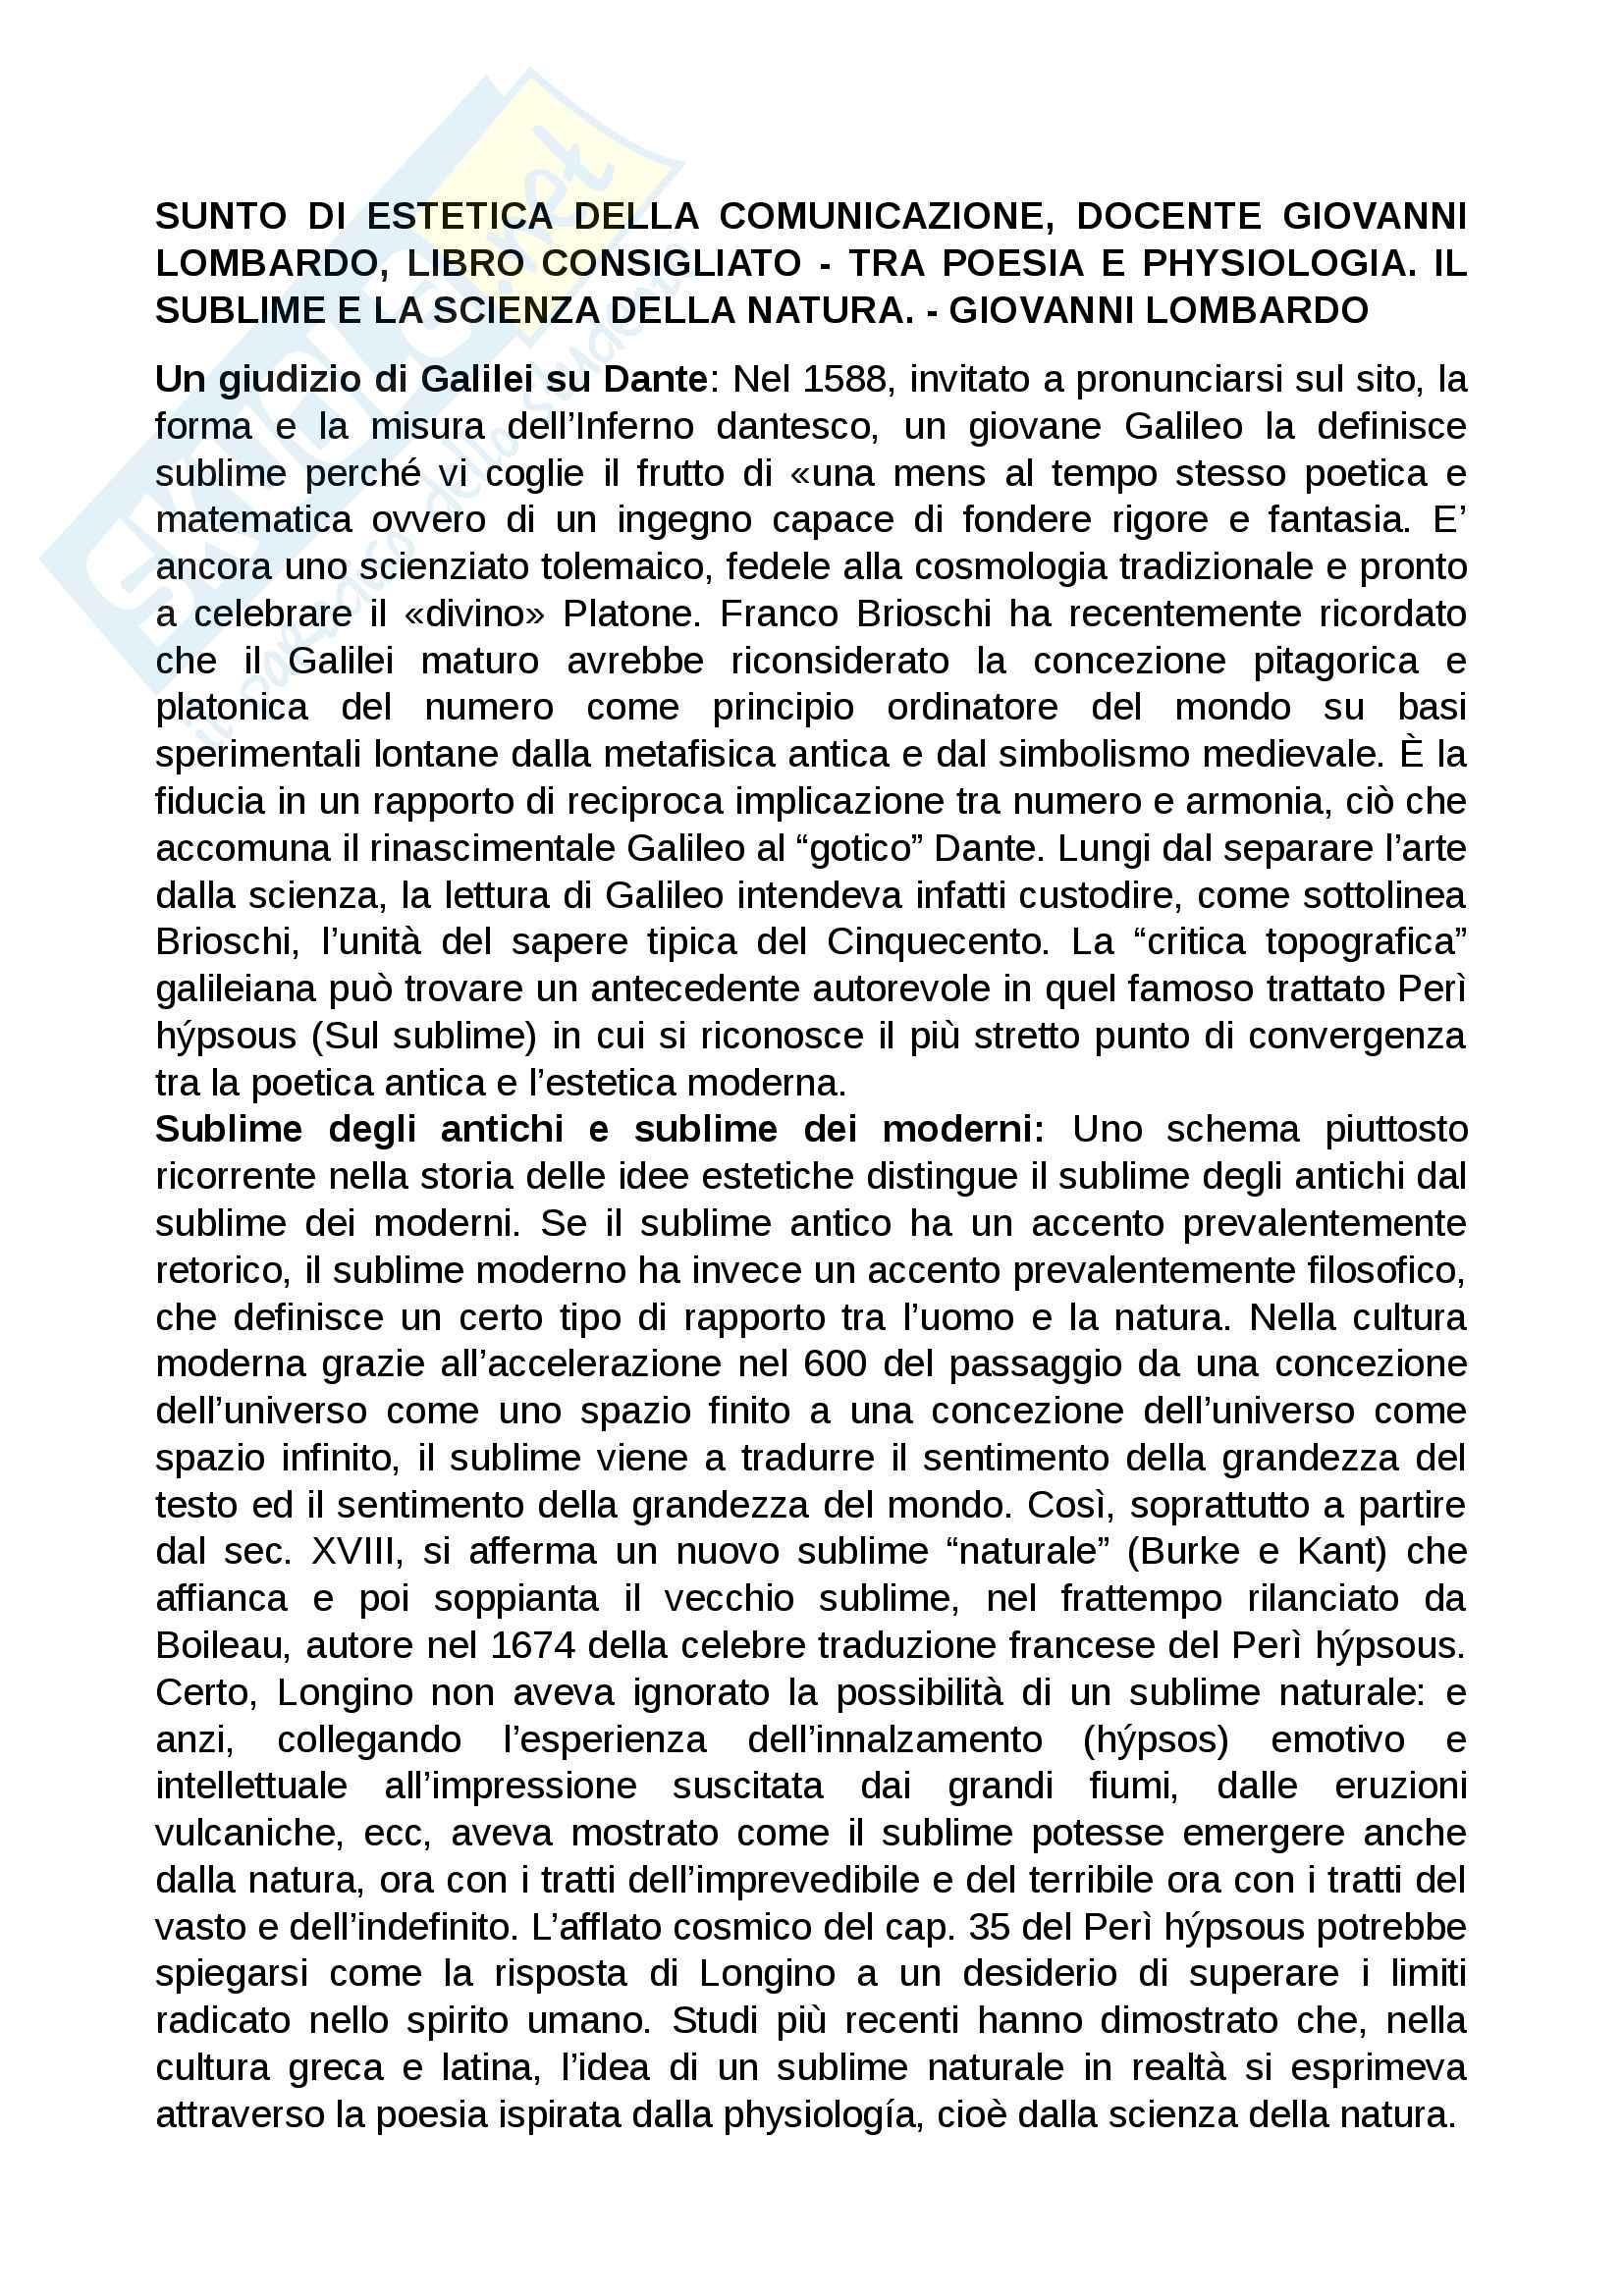 Sunto di estetica della comunicazione, docente Giovanni Lombardo. Libro consigliato Tra poesia e physiologia. Il sublime e la scienza della natura, Giovanni Lombardo